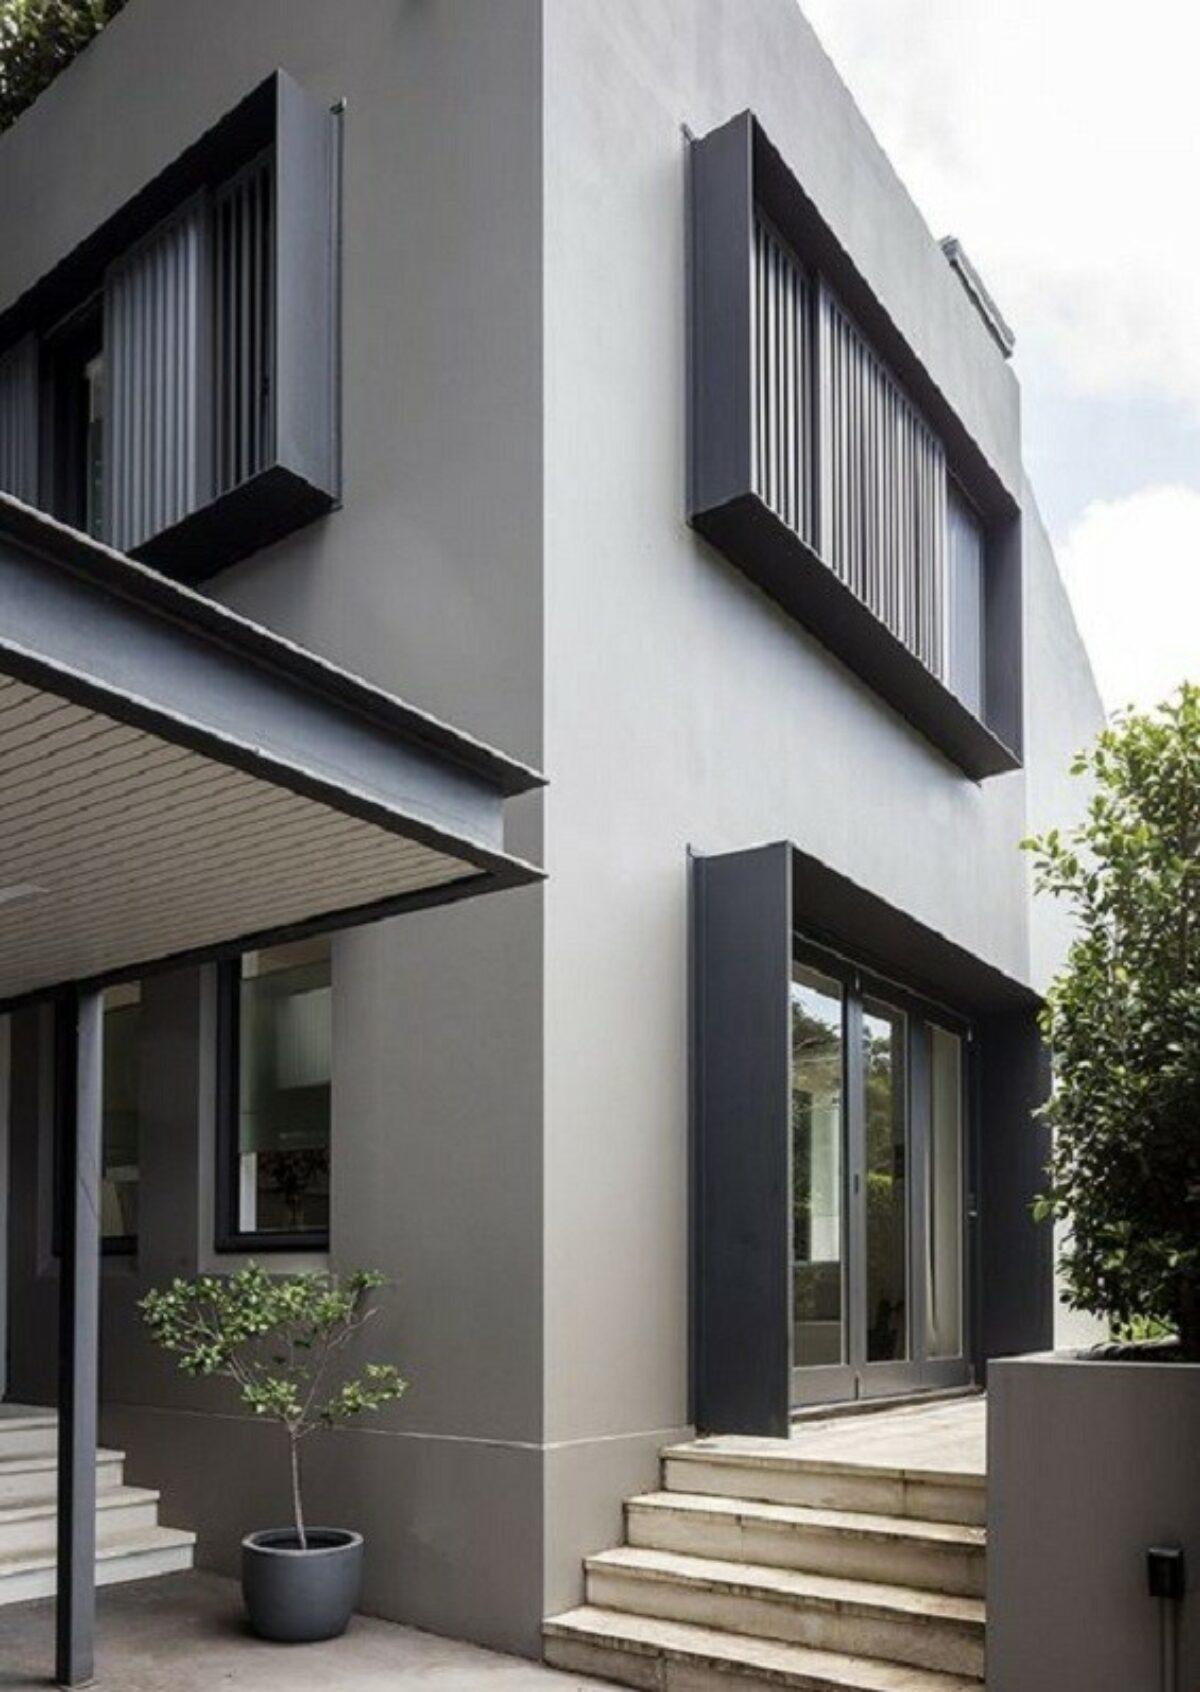 Warna Cat Eksterior Rumah Yang Bagus Dan Menawan Warna cat eksterior rumah